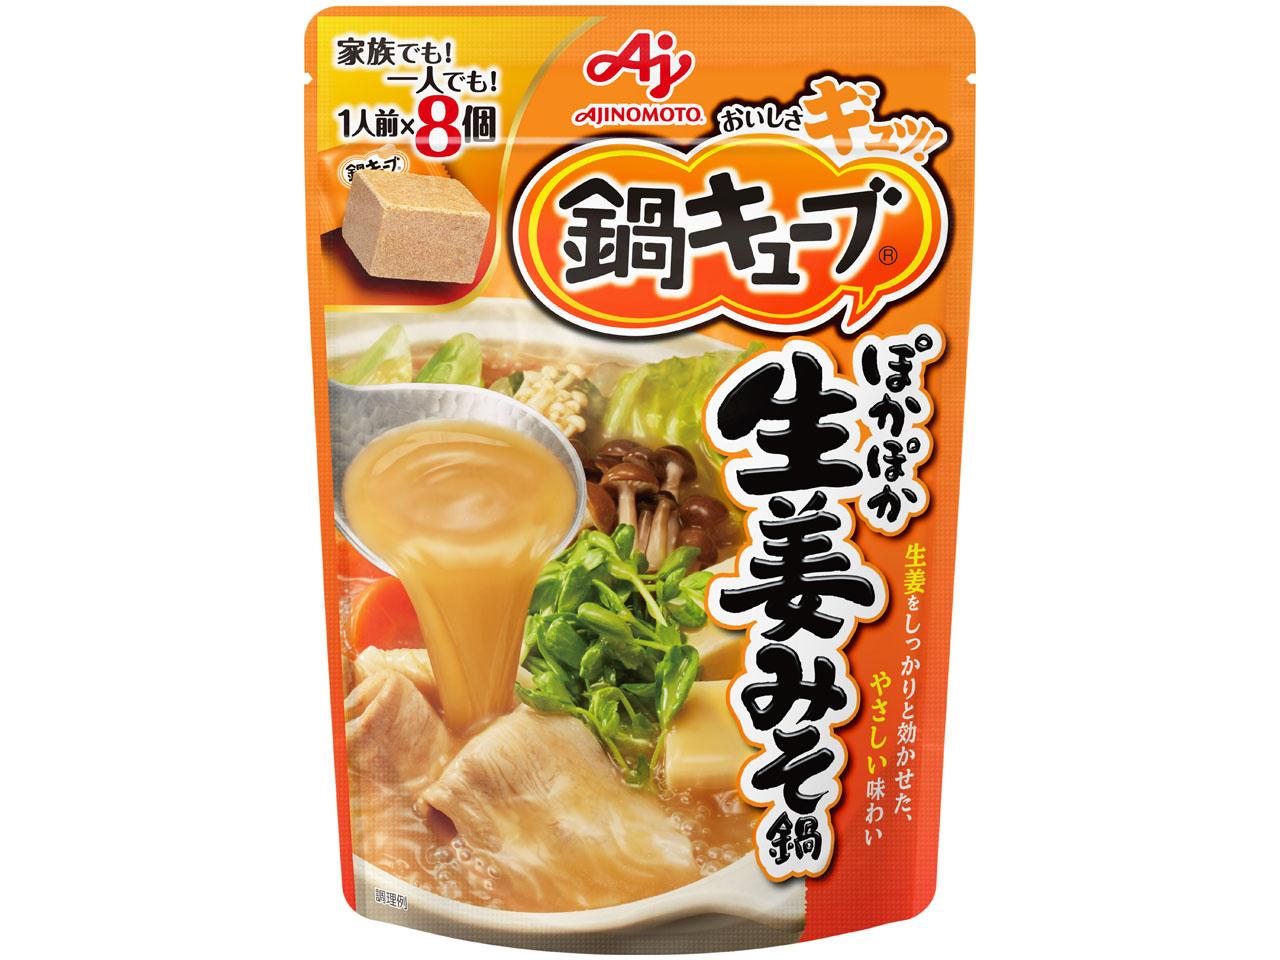 「鍋キューブ」ぽかぽか生姜みそ鍋